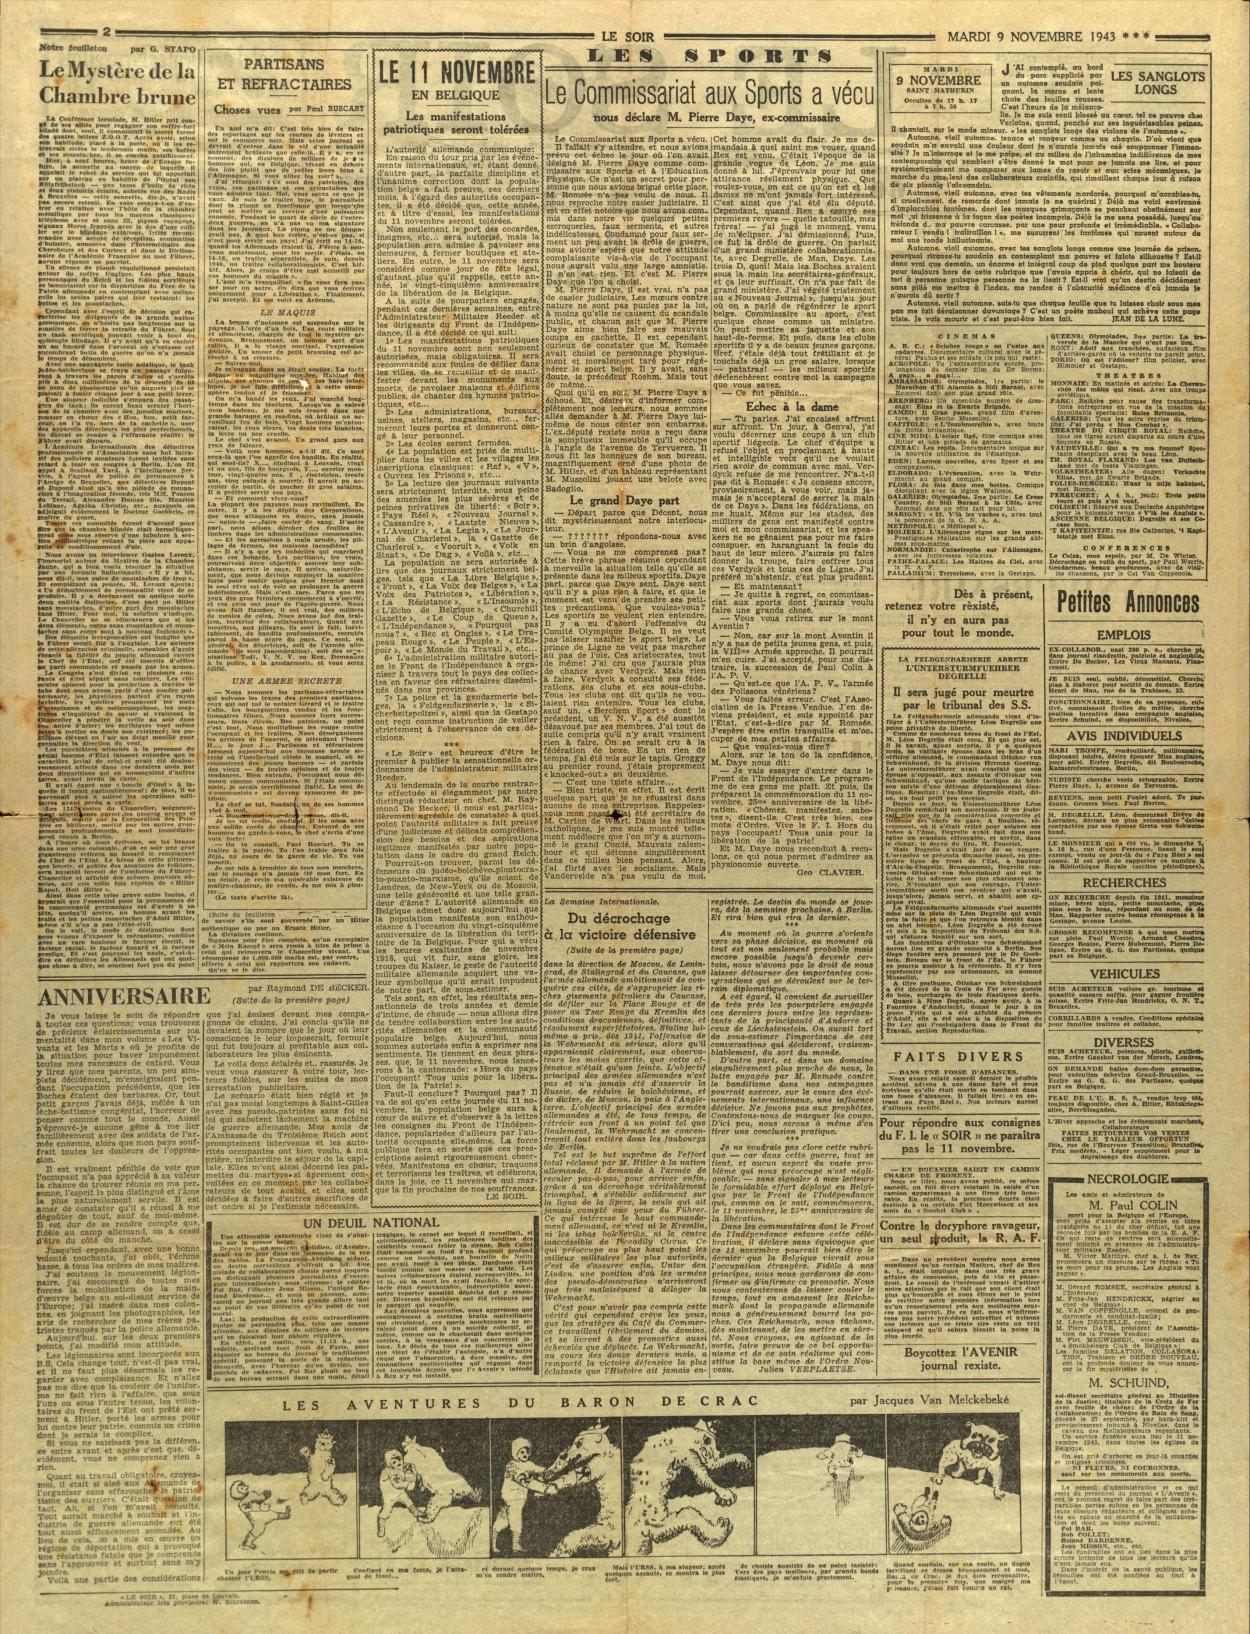 Le faux Soir, 9 novembre 1943